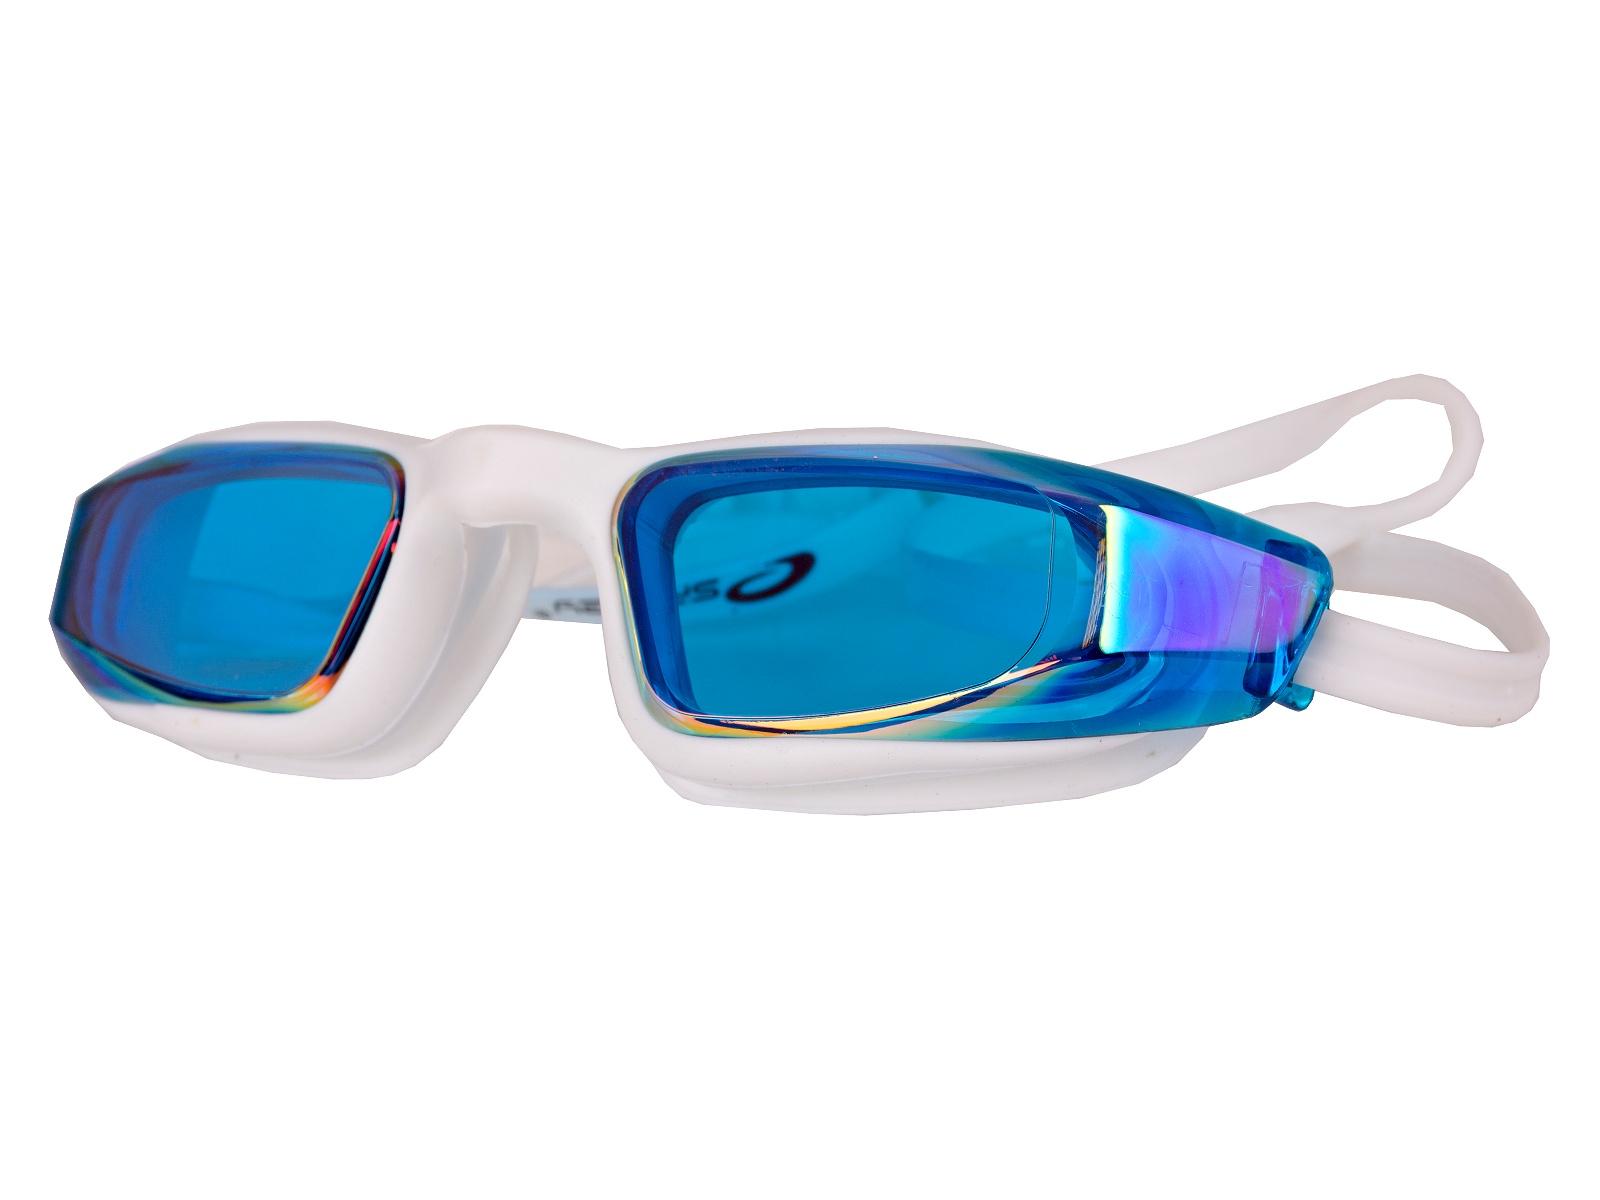 Plavecké brýle SPOKEY Zoro - bílé